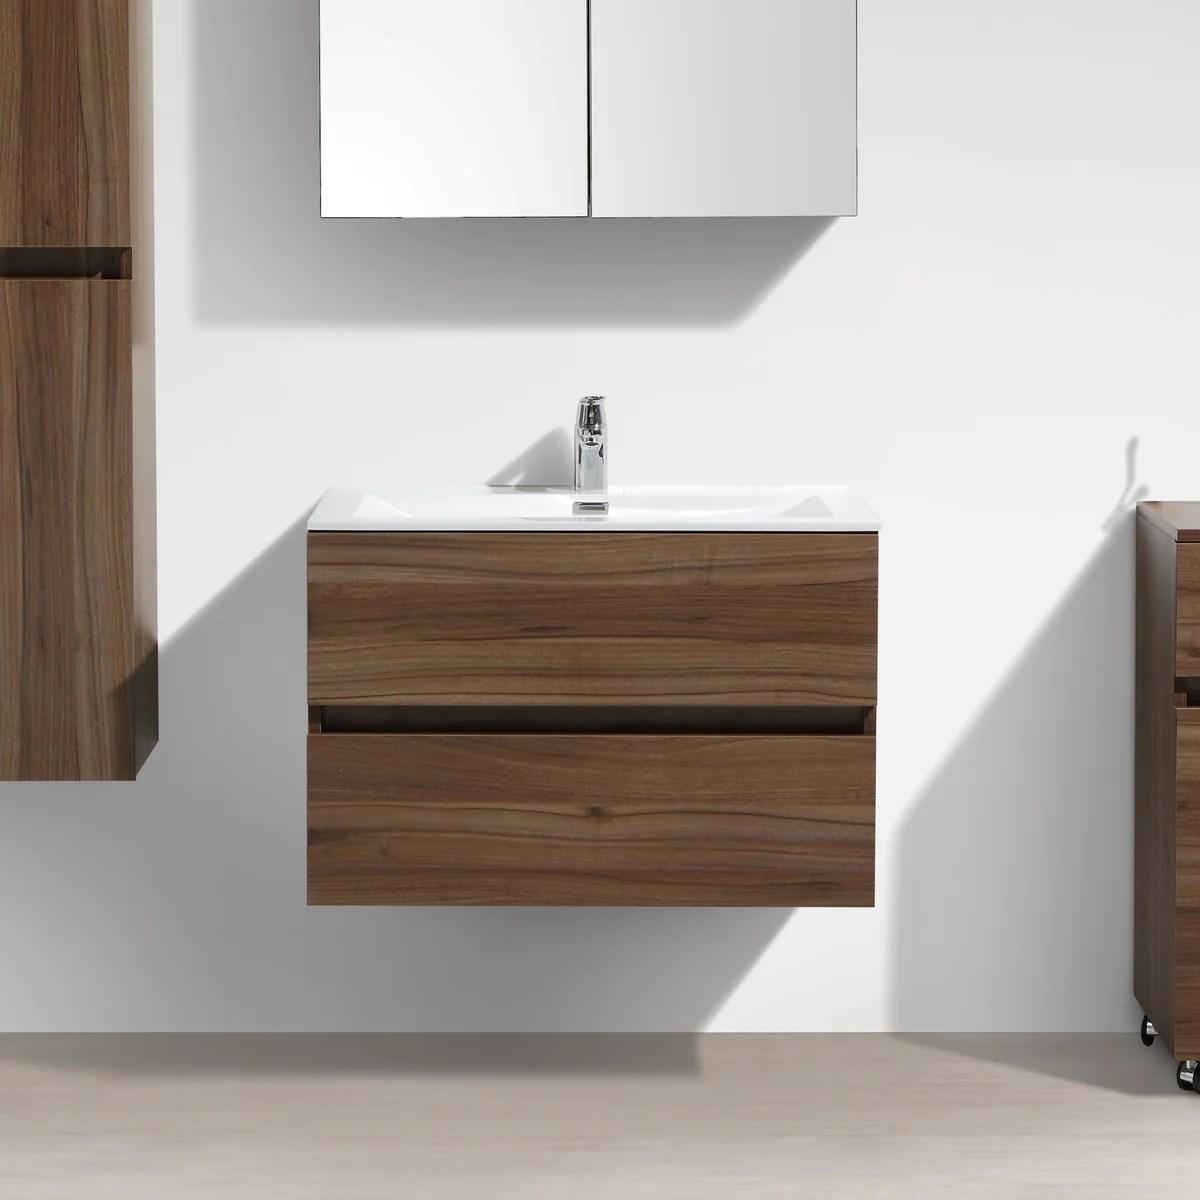 Meuble Salle De Bain Design Simple Vasque Siena Largeur 80 Cm Noyer Le Monde Du Bain